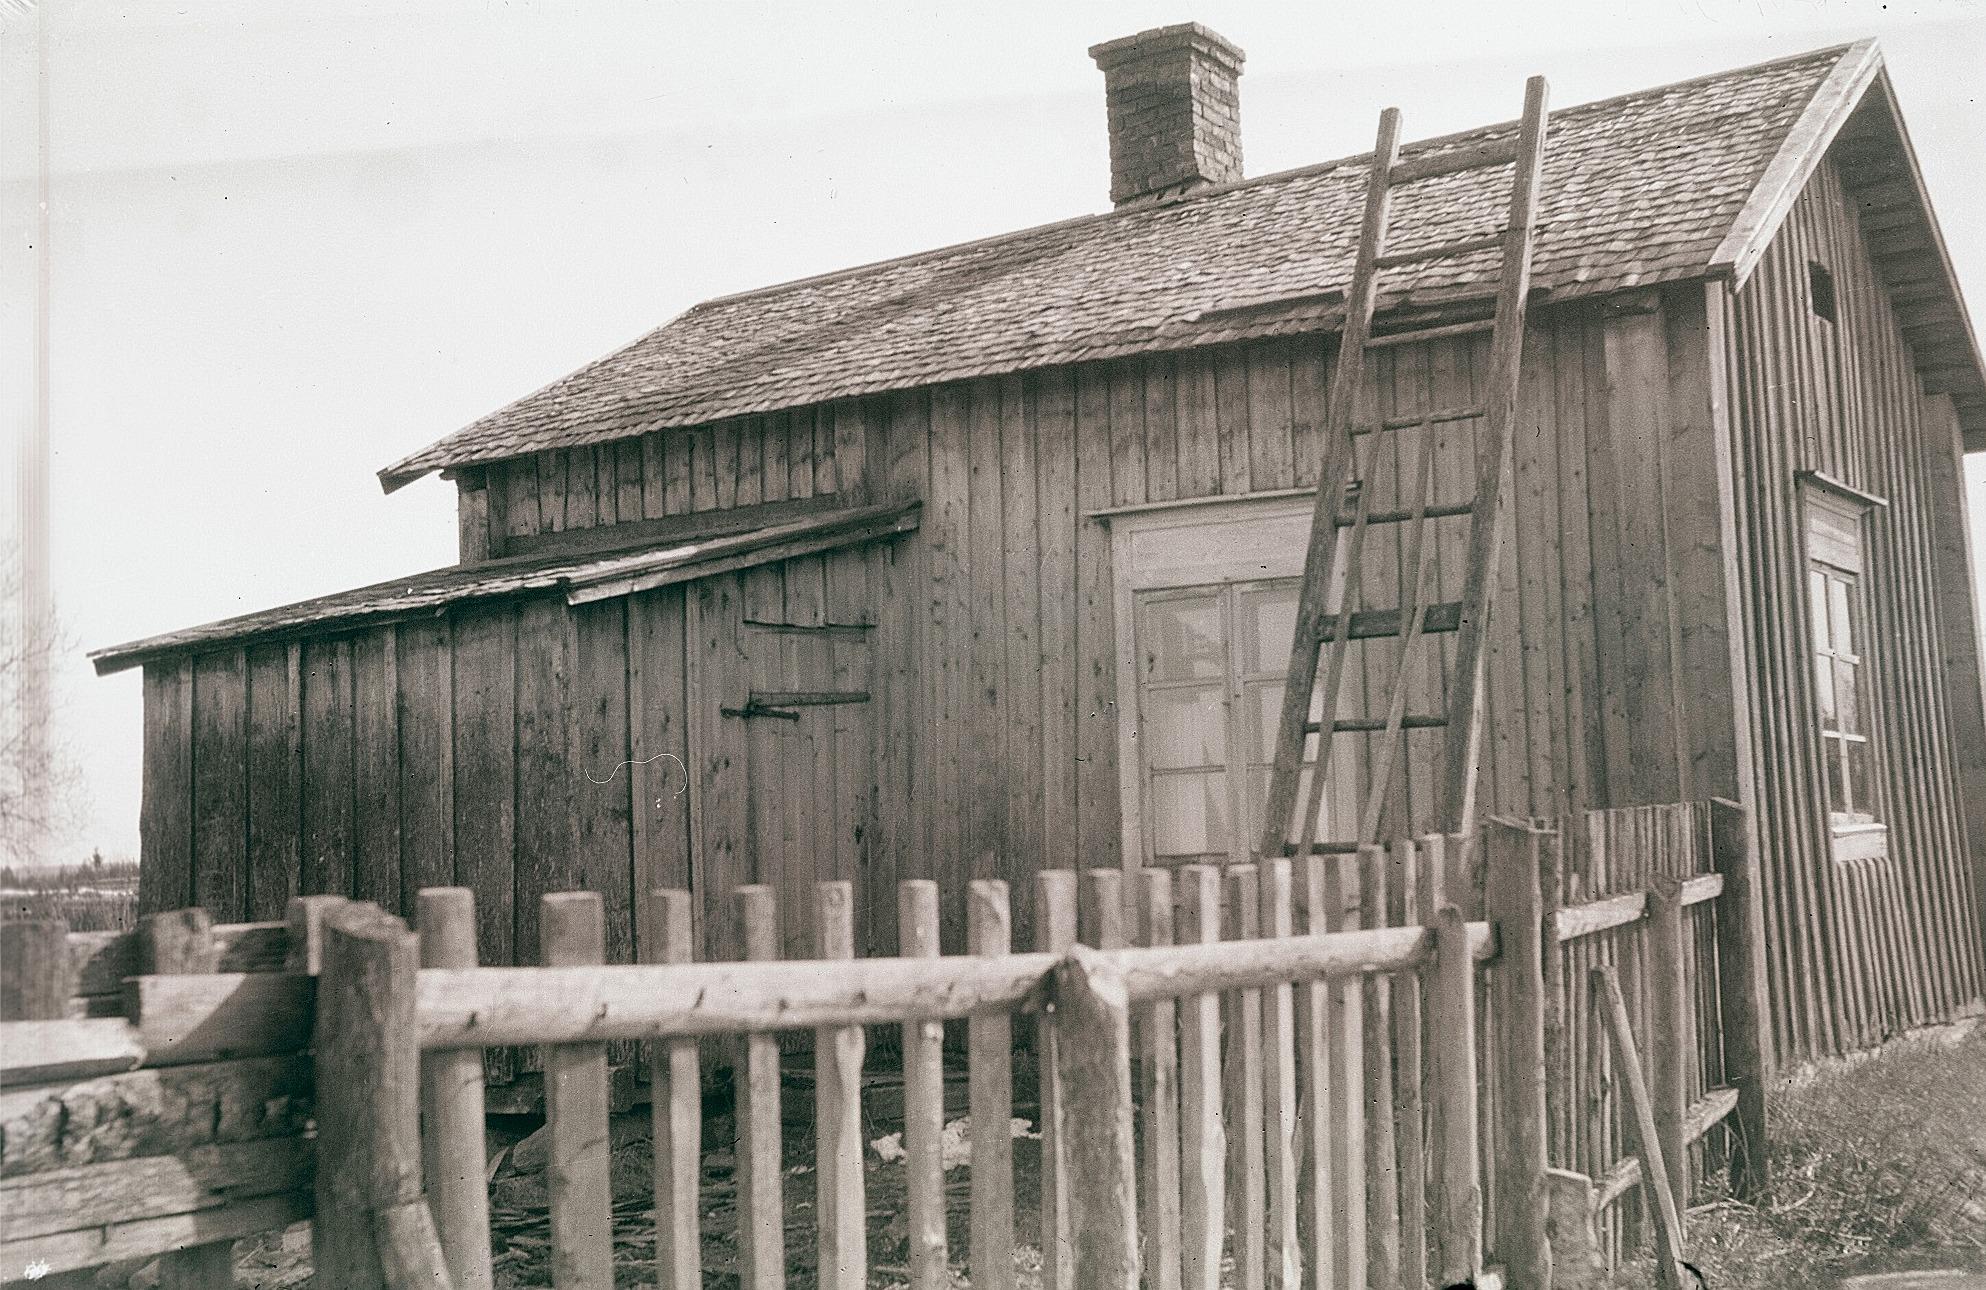 Mellan åren 1876 och 1926 höll Anna Lena Ådjers skola i denna stuga på Åbyggändan. 25 penni i veckan kostade det eleverna att lära sig bokstäverna och siffrorna